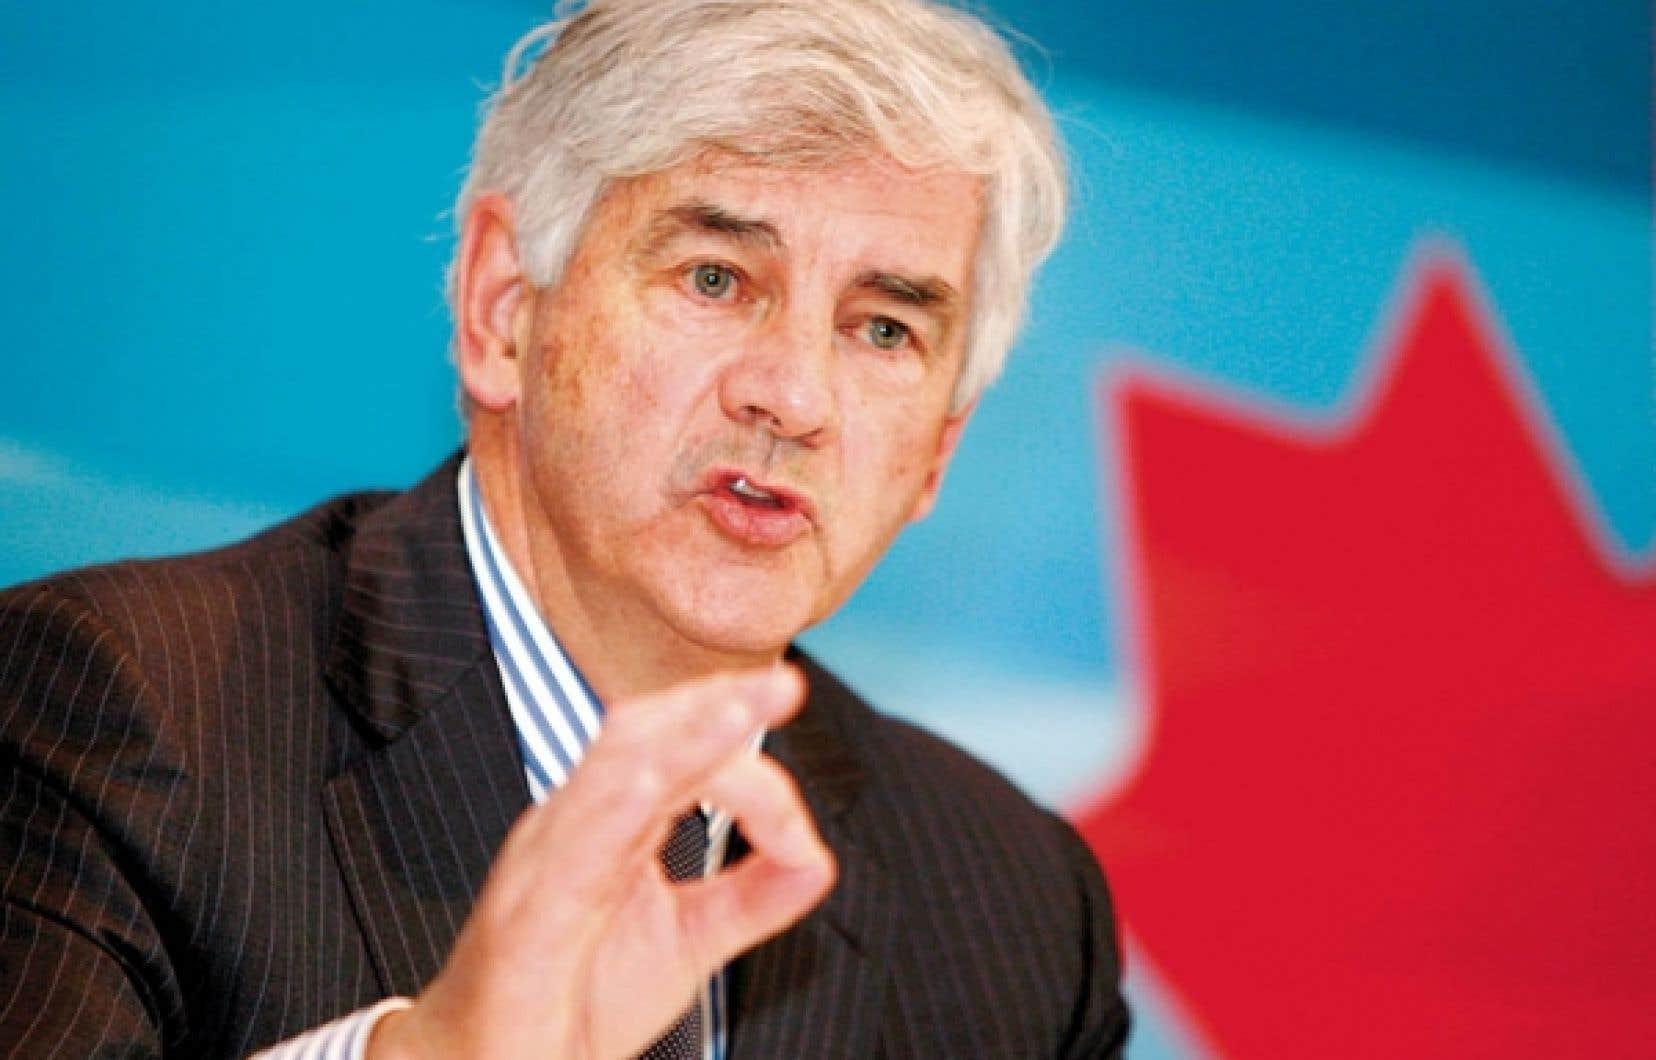 Lawrence Cannon va confirmer lundi que la firme d'experts-comptables Samson, Bélair, Deloitte et Touche va éplucher les livres des années 2005 à 2009 de Droits et démocratie.